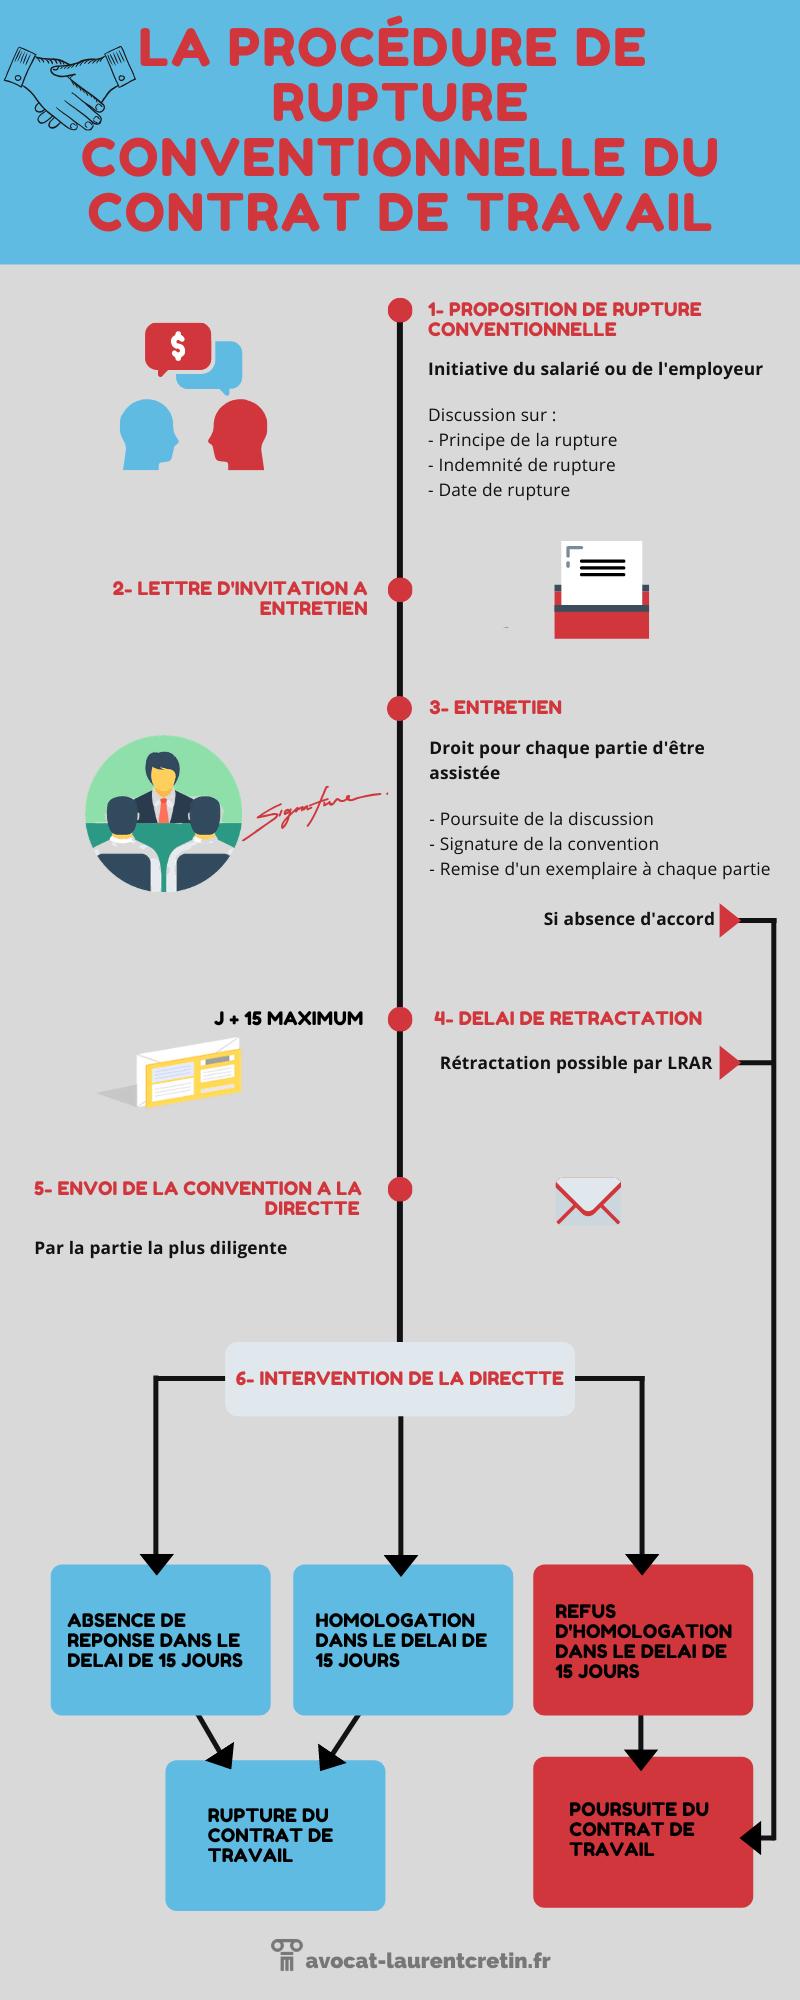 La procédure de rupture conventionnelle en infographie